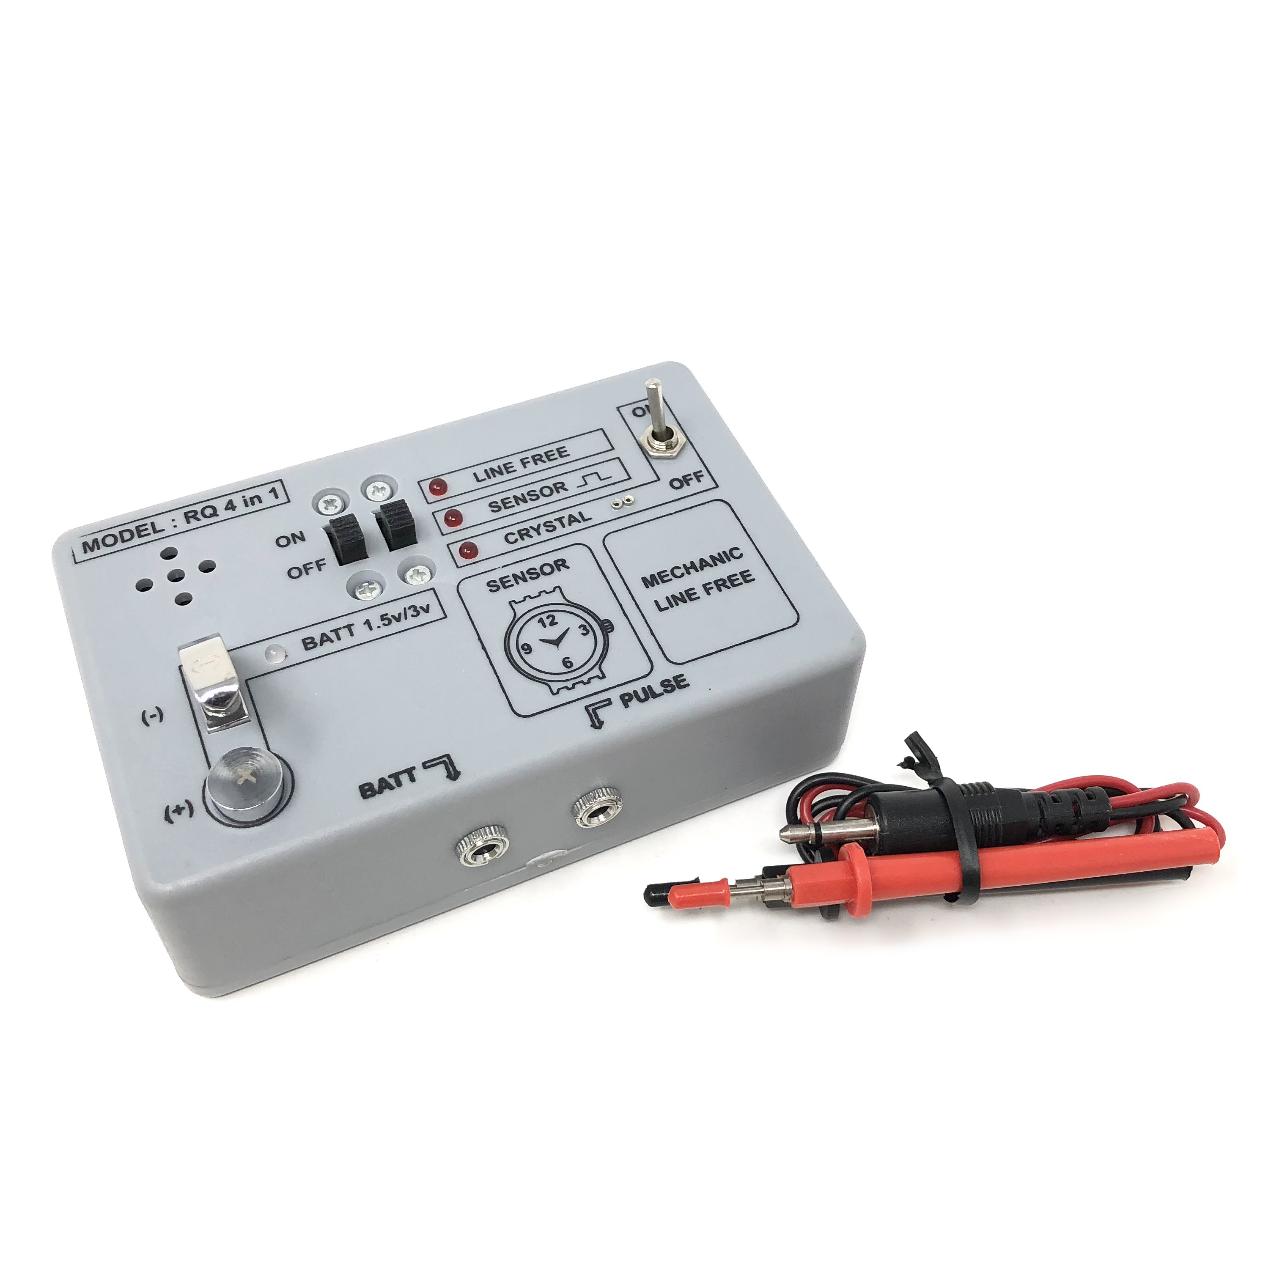 Quarz Uhr Tester 4 IN 1 Line Gratis / Freigabe,Puls,Kreislauf,Batterie Prüfung